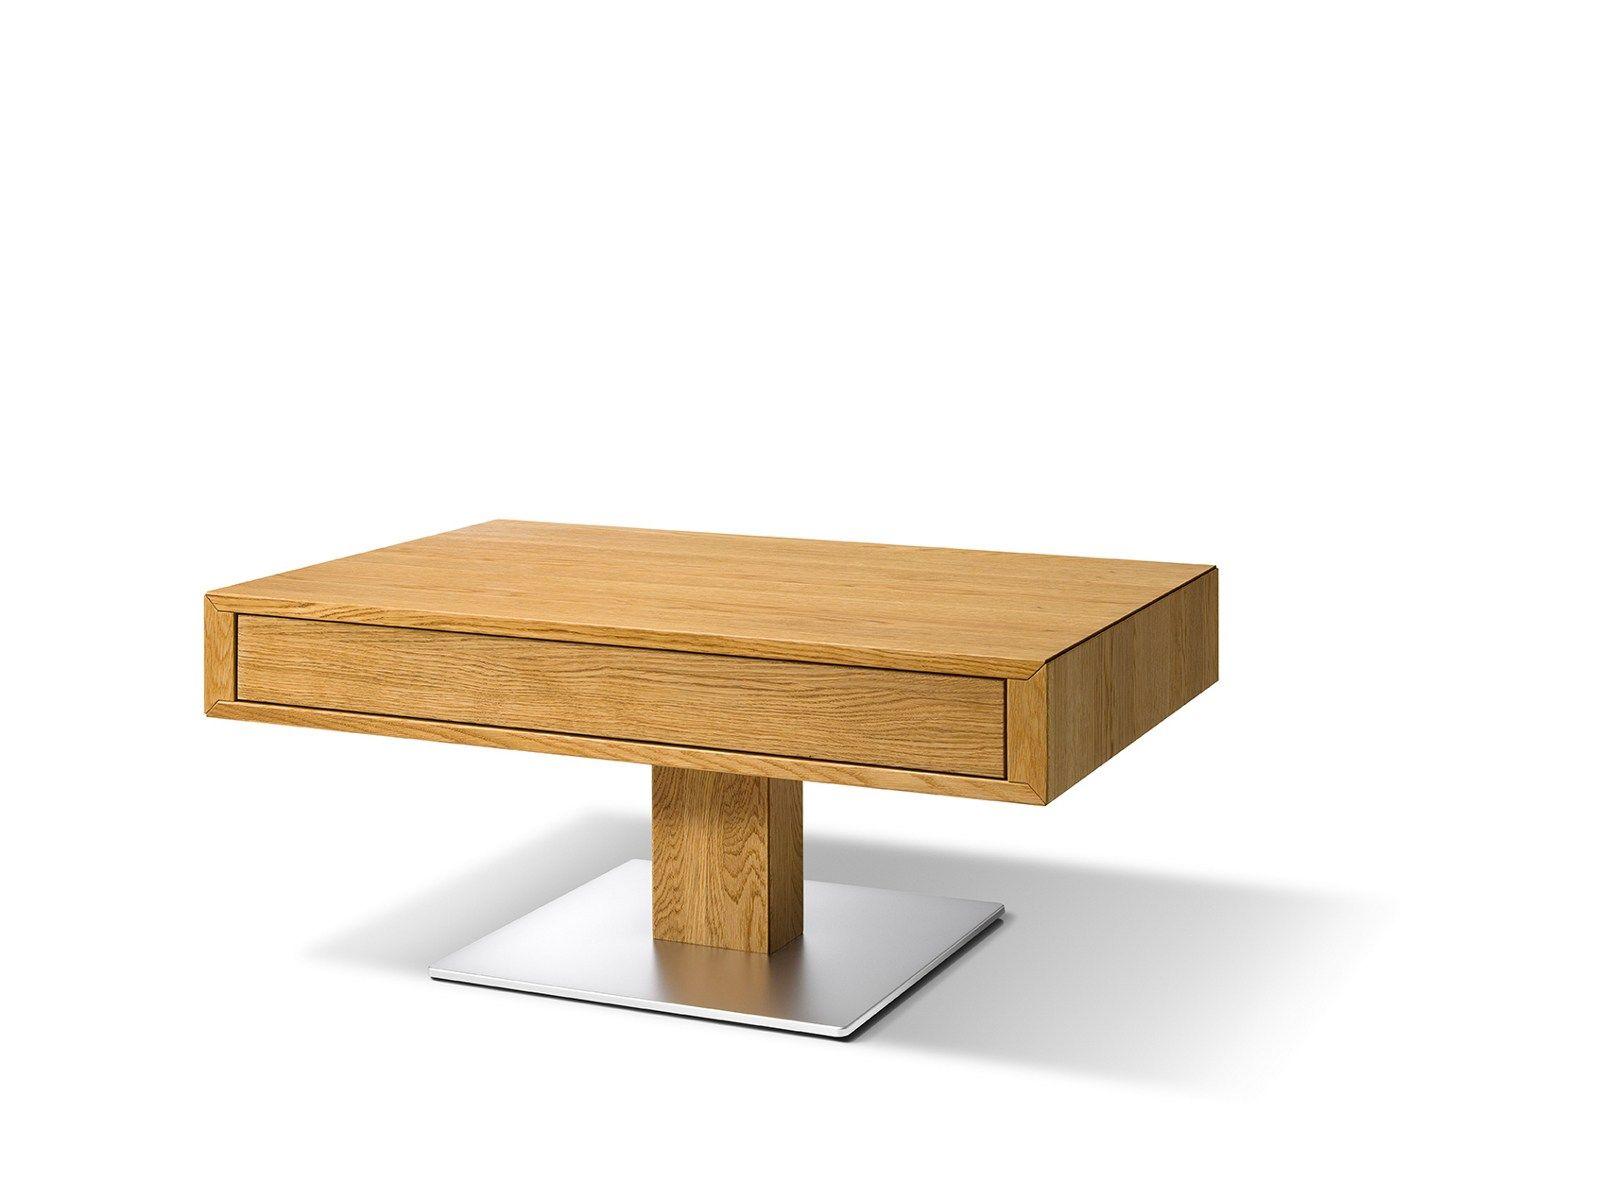 Hhenverstellbarer Couchtisch LIFT By TEAM 7 Design Kai Stania